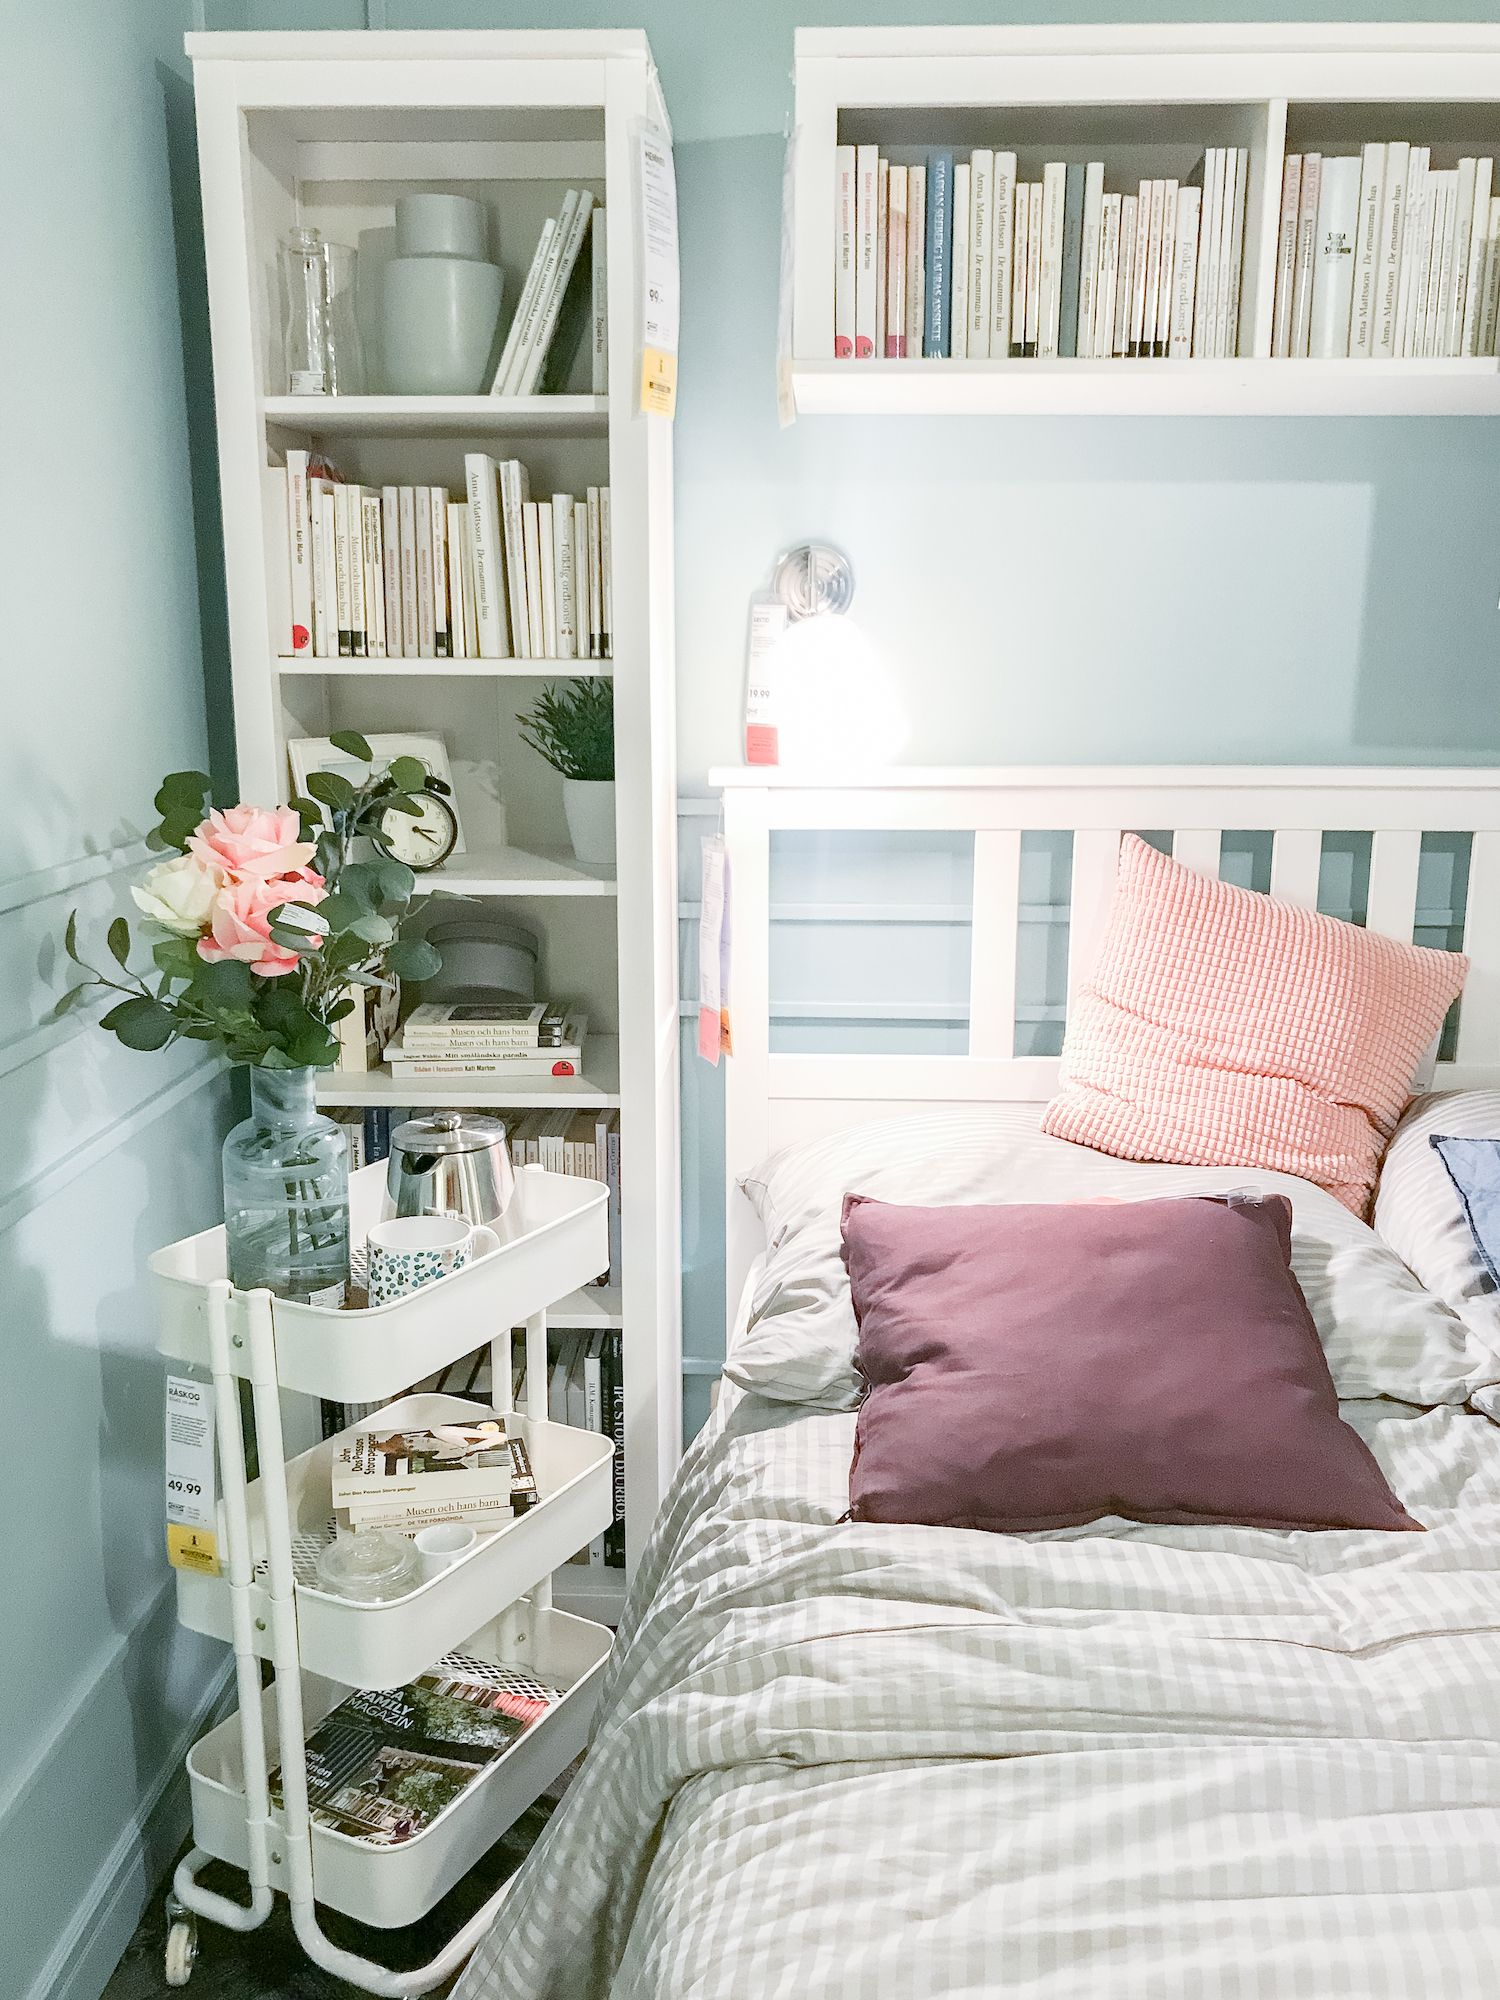 Ikea Schlafzimmer Inspiration ikea schlafzimmer